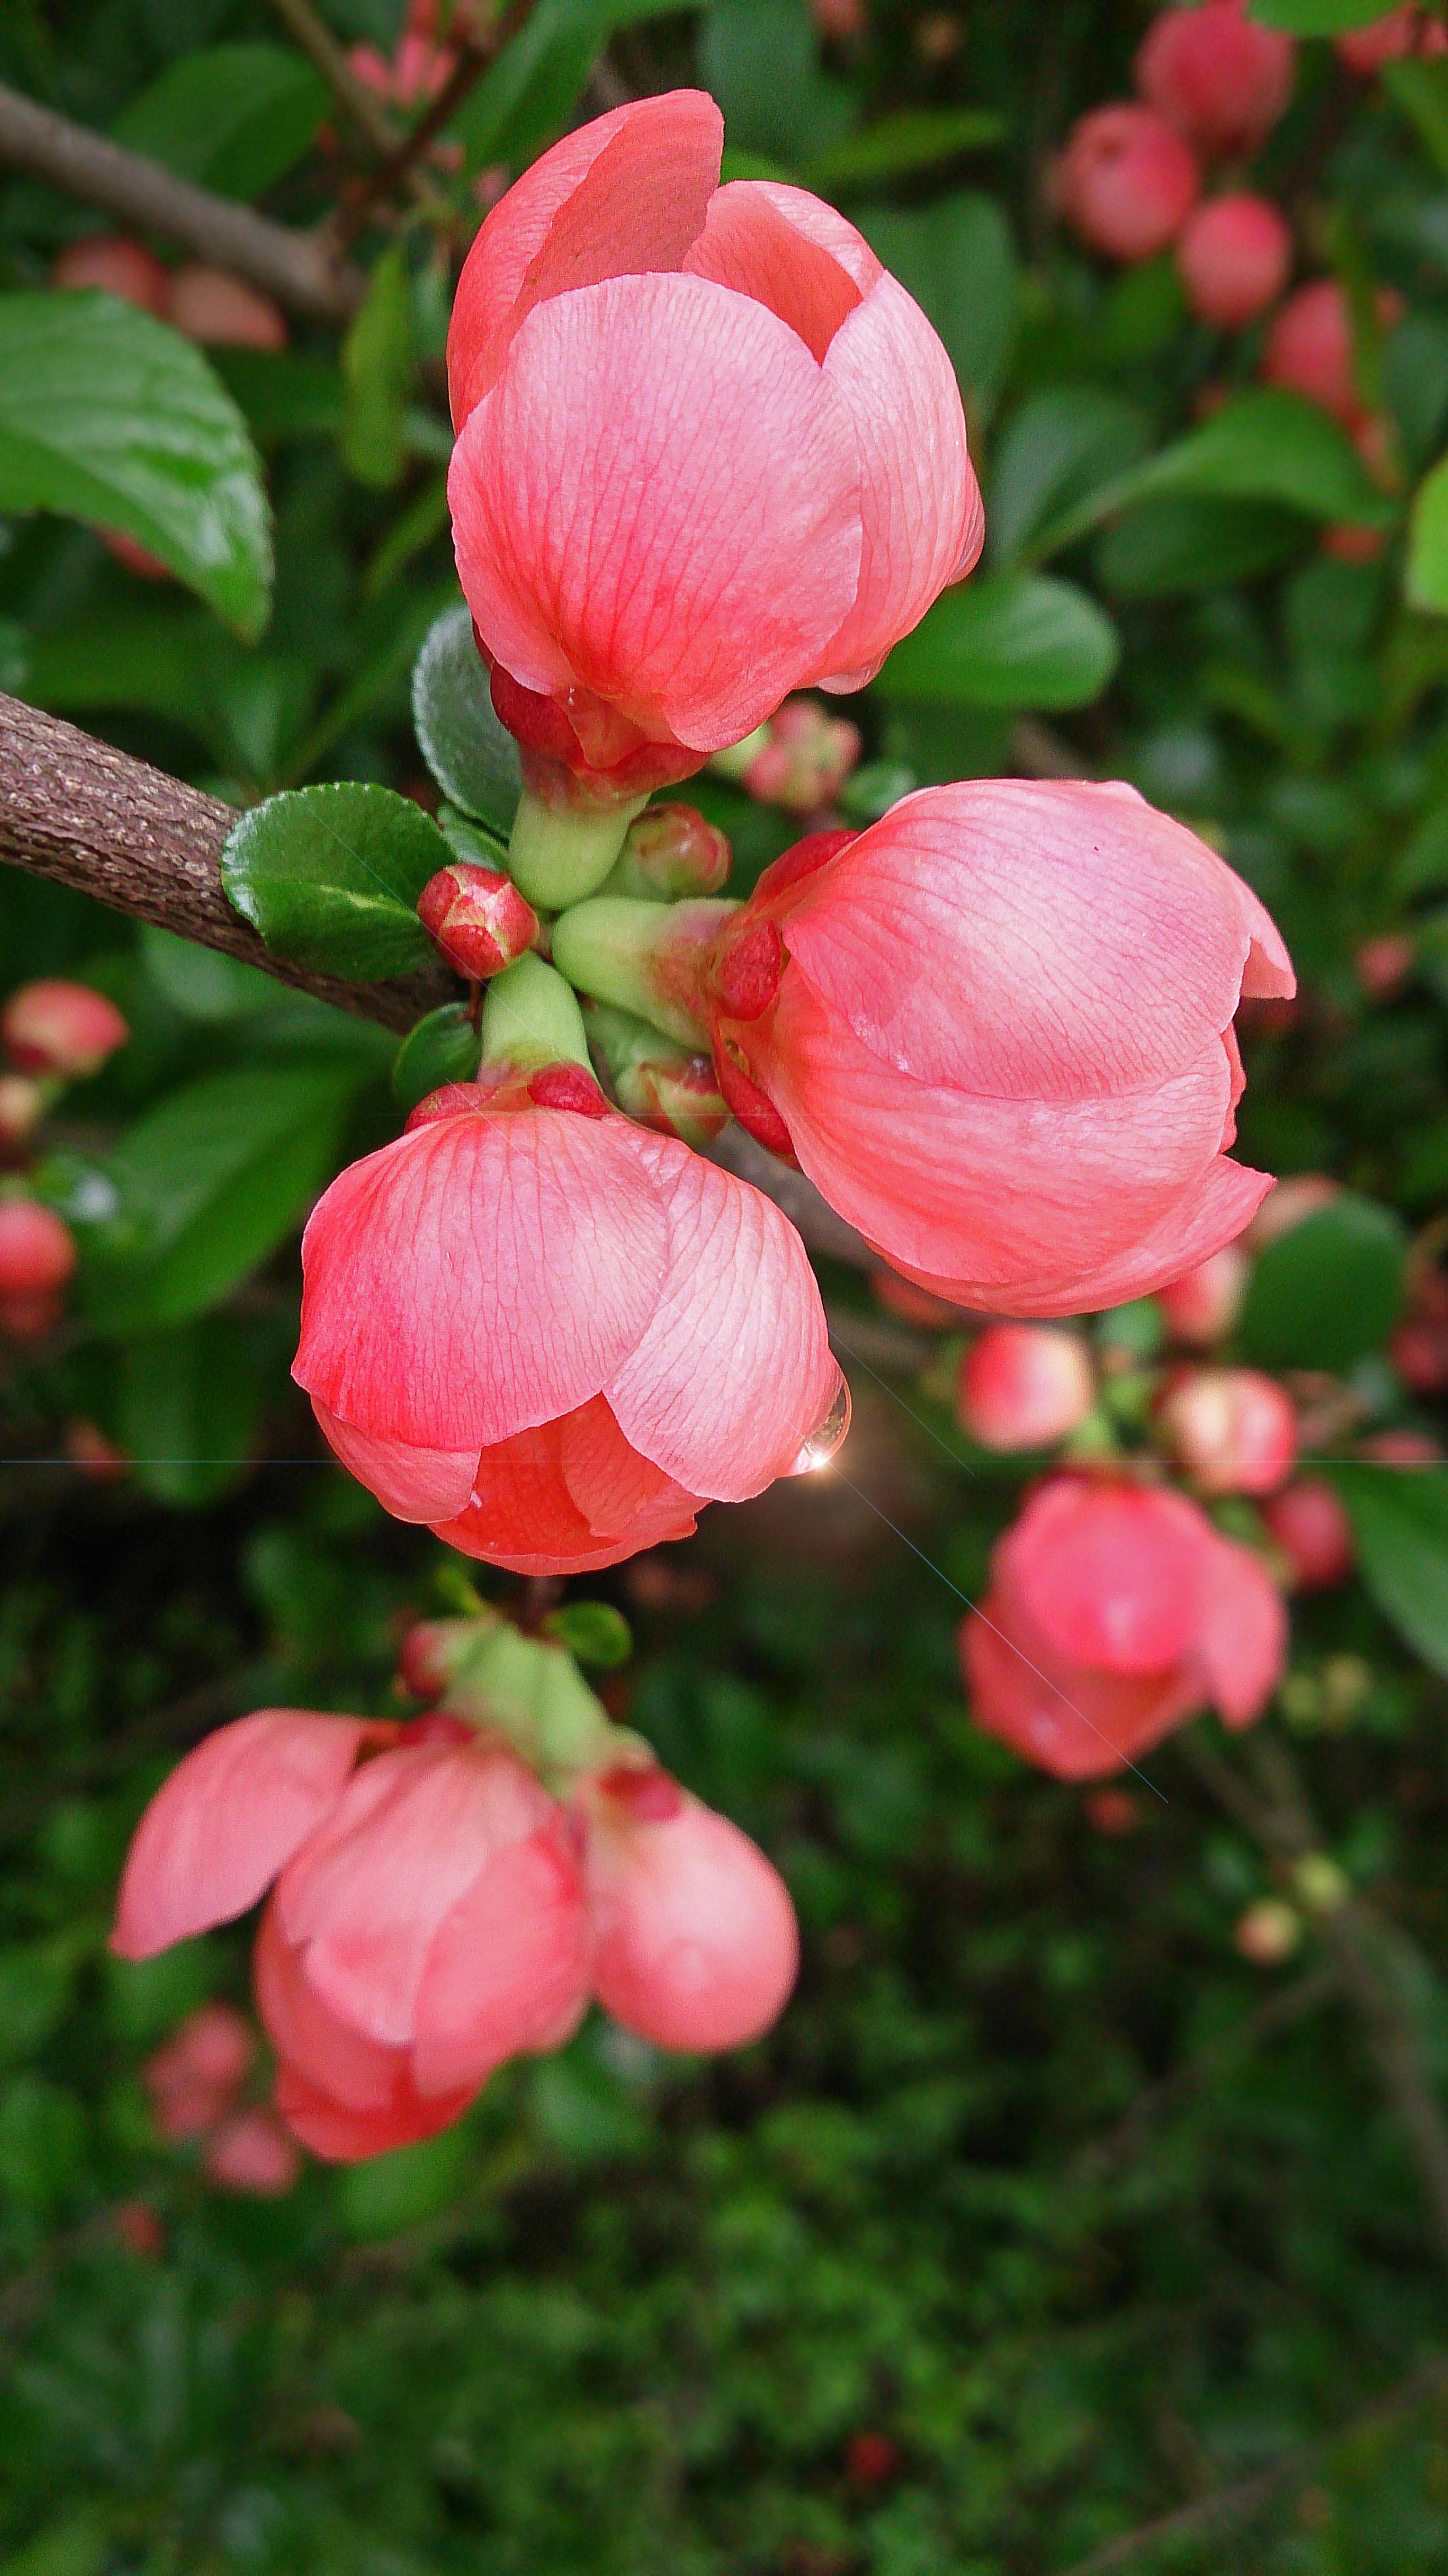 Images Gratuites La Nature Petale Botanique Flore Arbuste